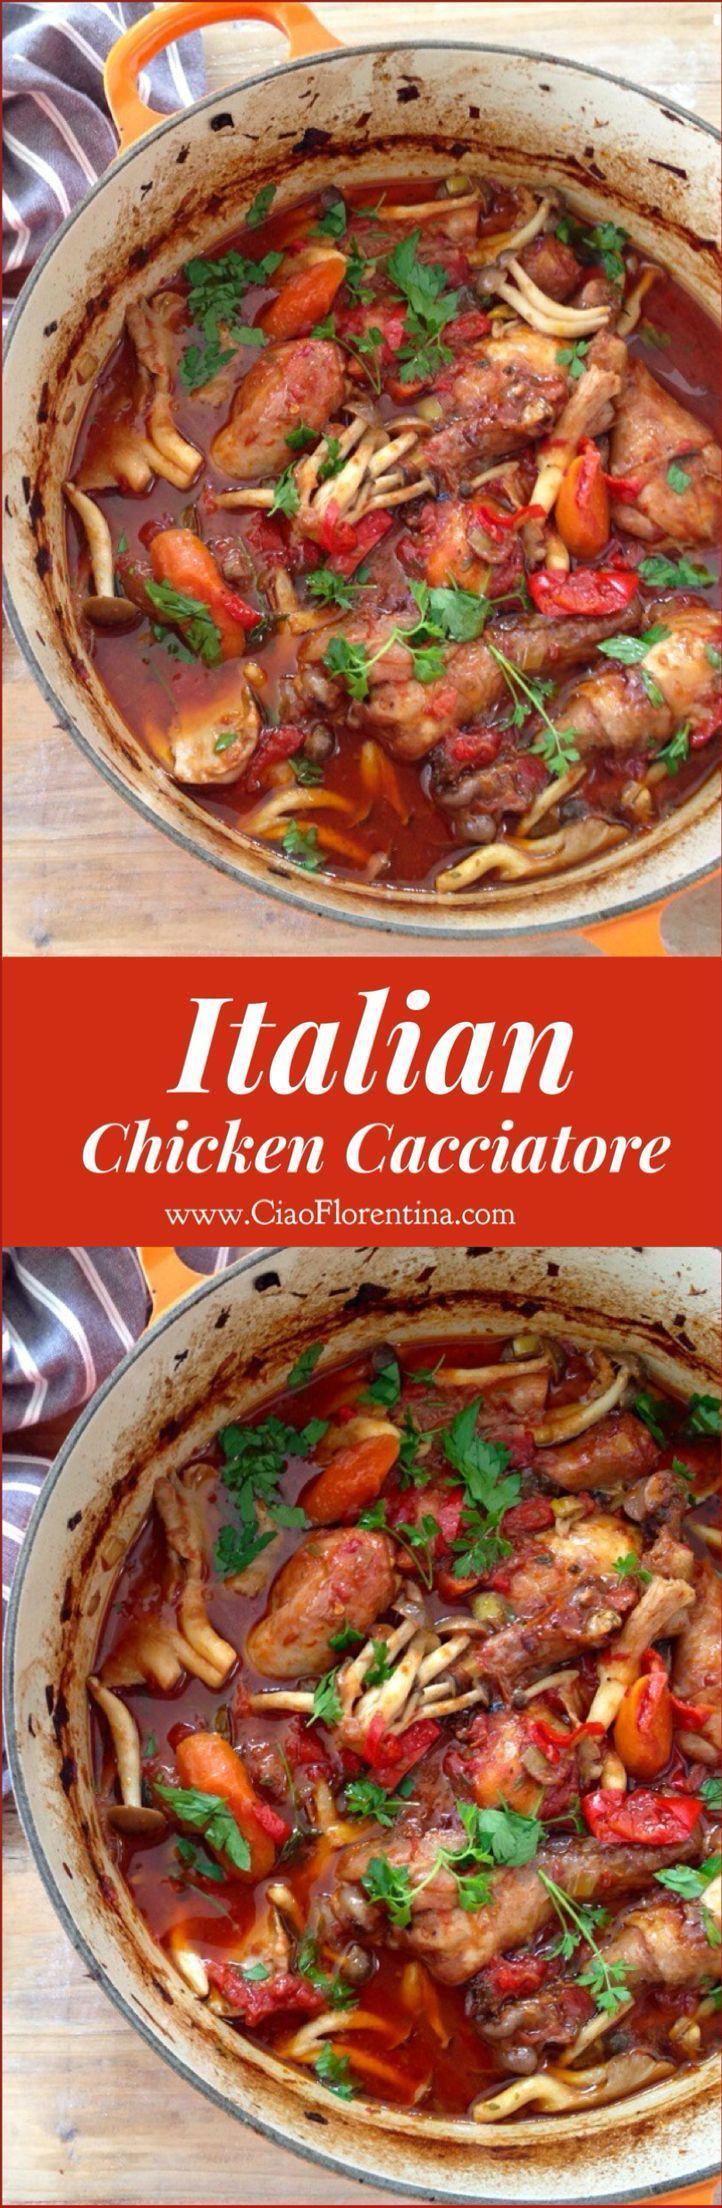 Photo of Italian Chicken Cacciatore Recipe